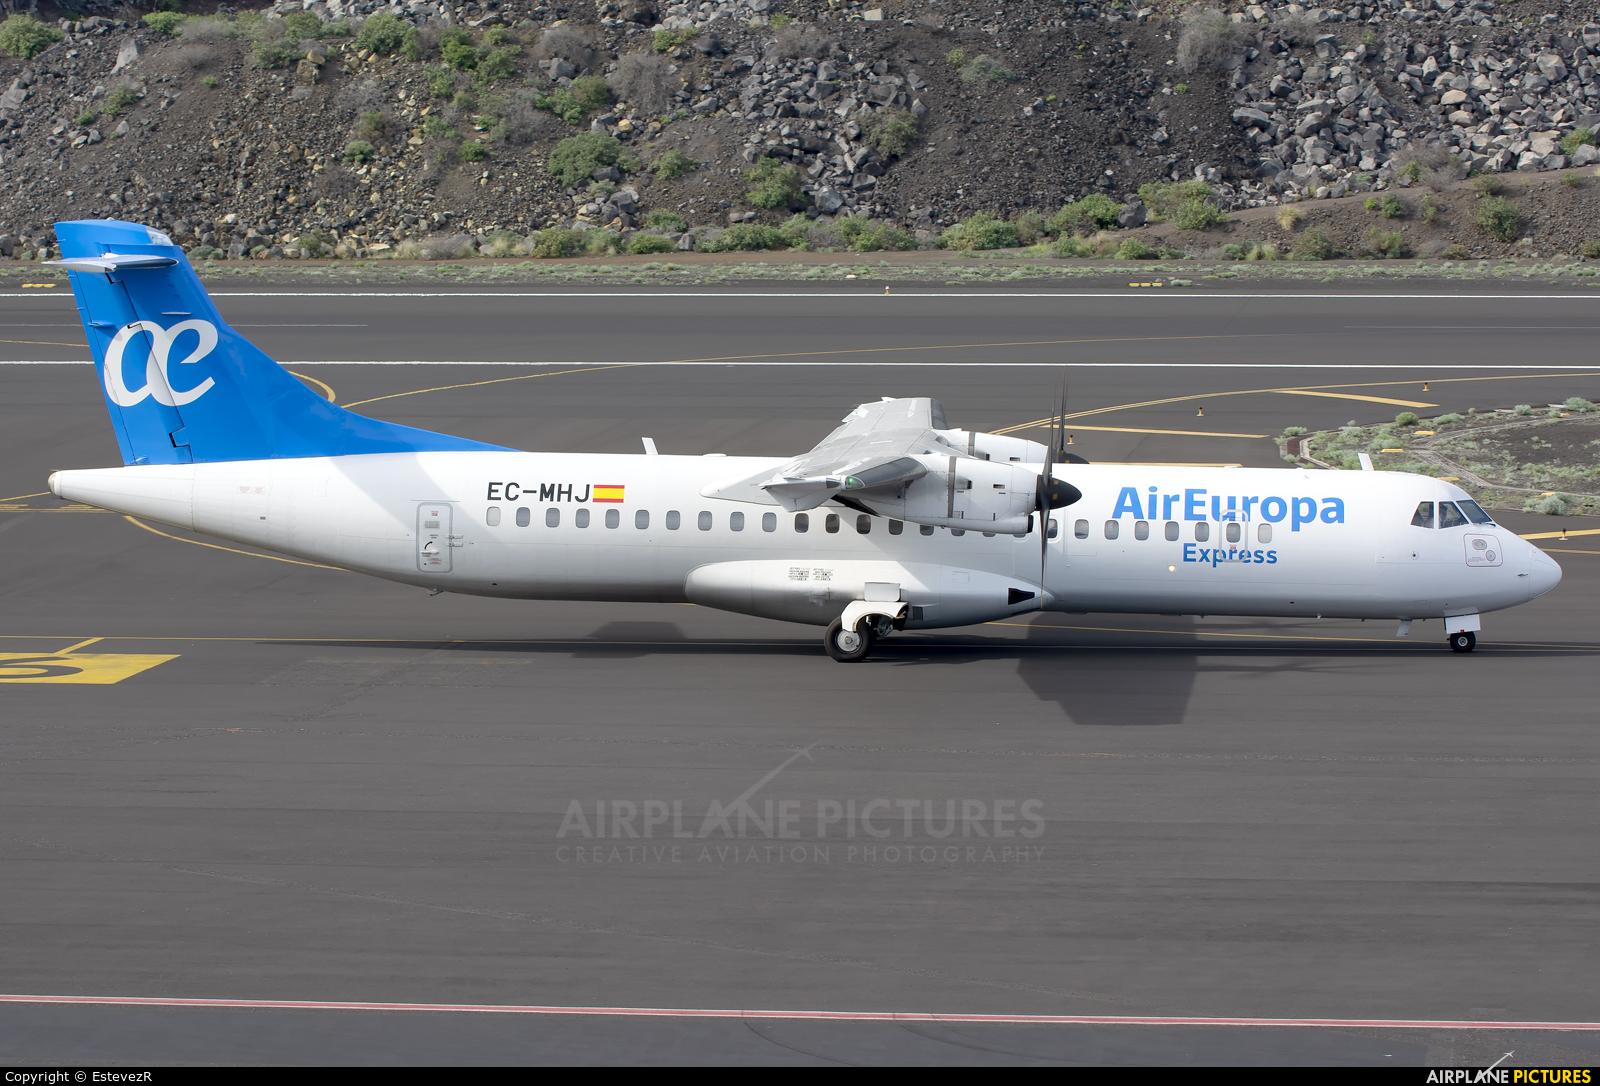 Air Europa Express EC-MHJ aircraft at Santa Cruz de La Palma